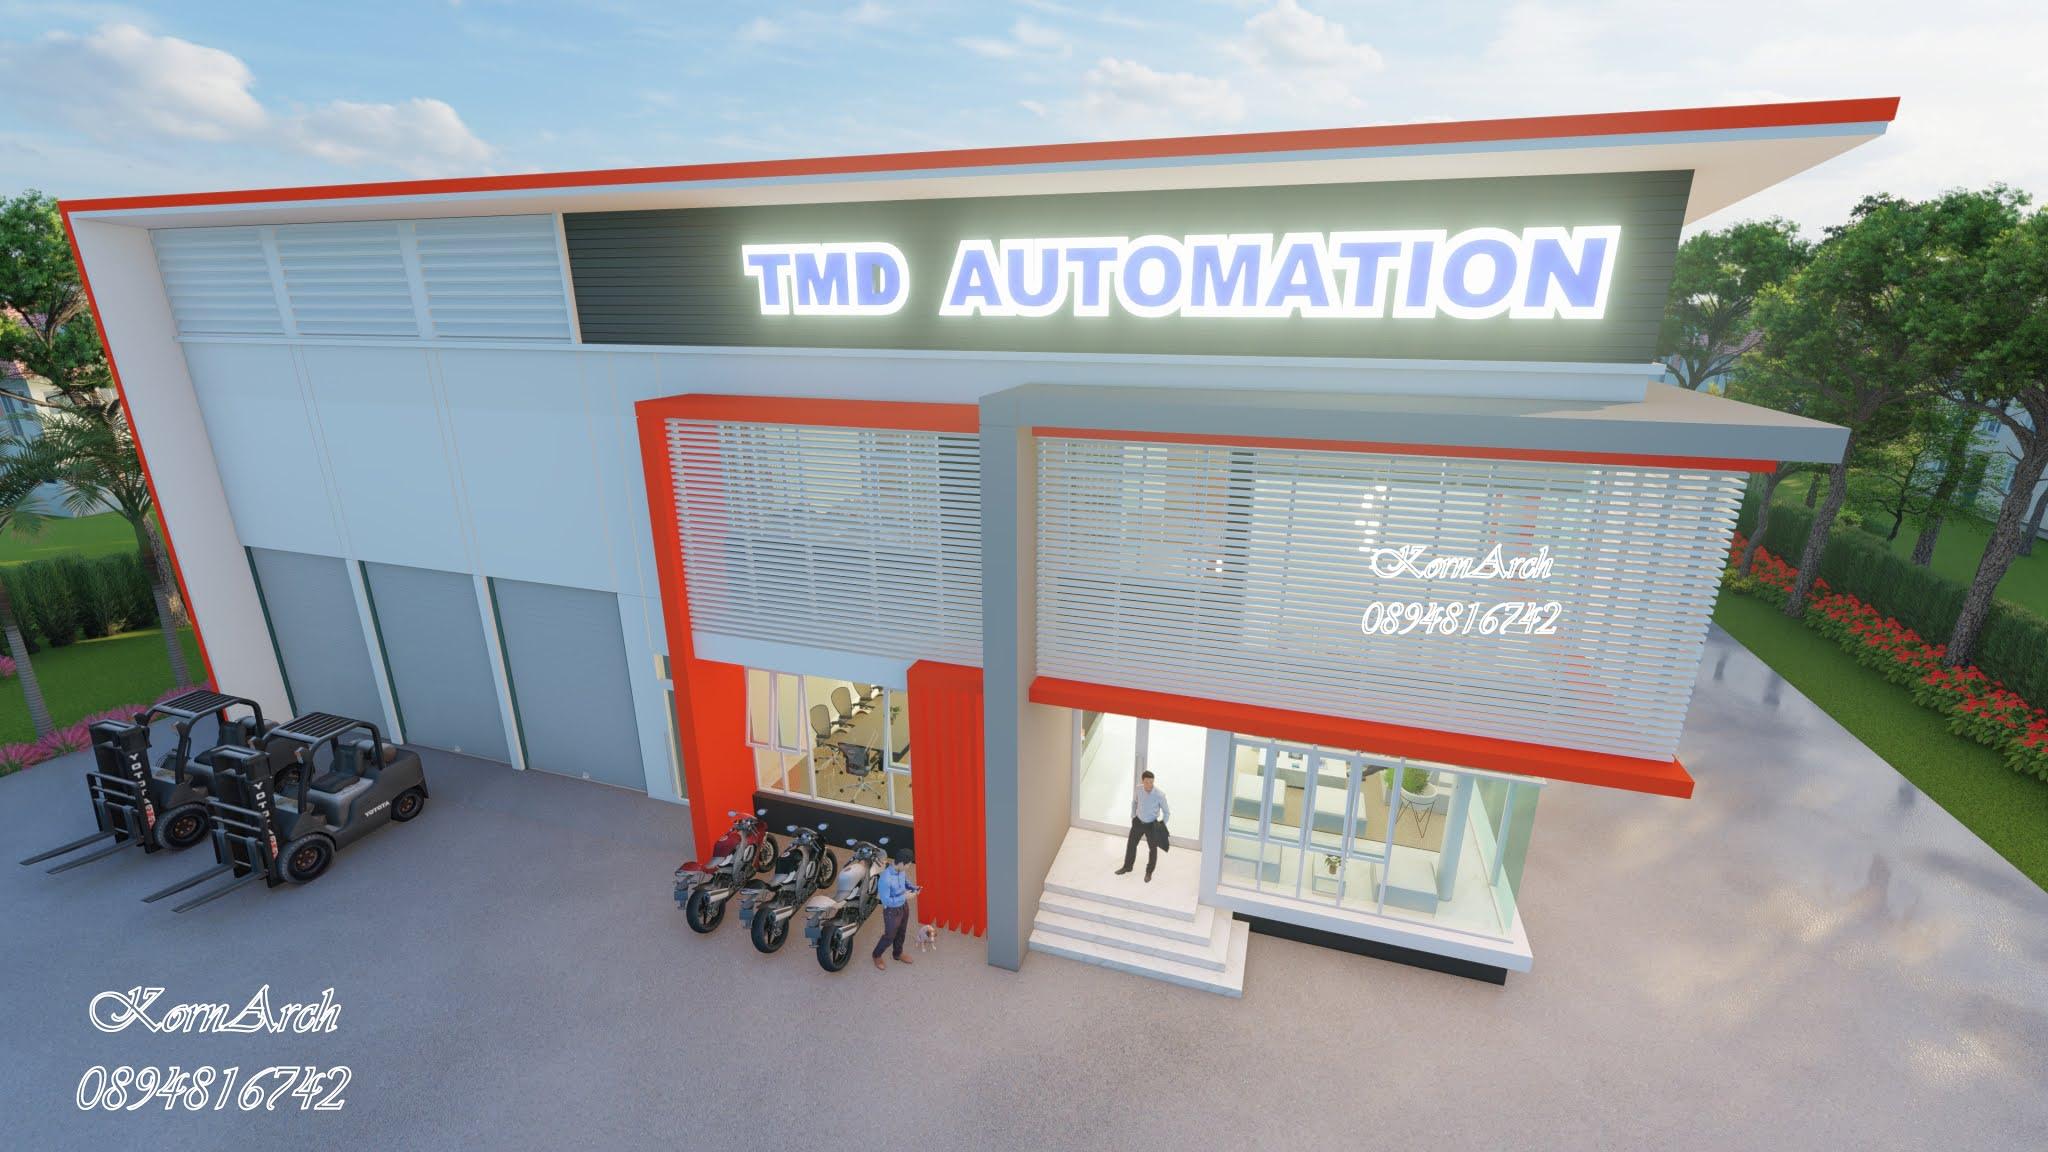 รับออกแบบโรงงาน,สำนักงาน,พักอาศัย เจ้าของอาคาร บริษัท TMD Automation Co.,Ltd. สถานที่ก่อสร้าง ต.เชียงรากน้อย อ.บางปะอิน จ.พระนครศรีอยุธยา